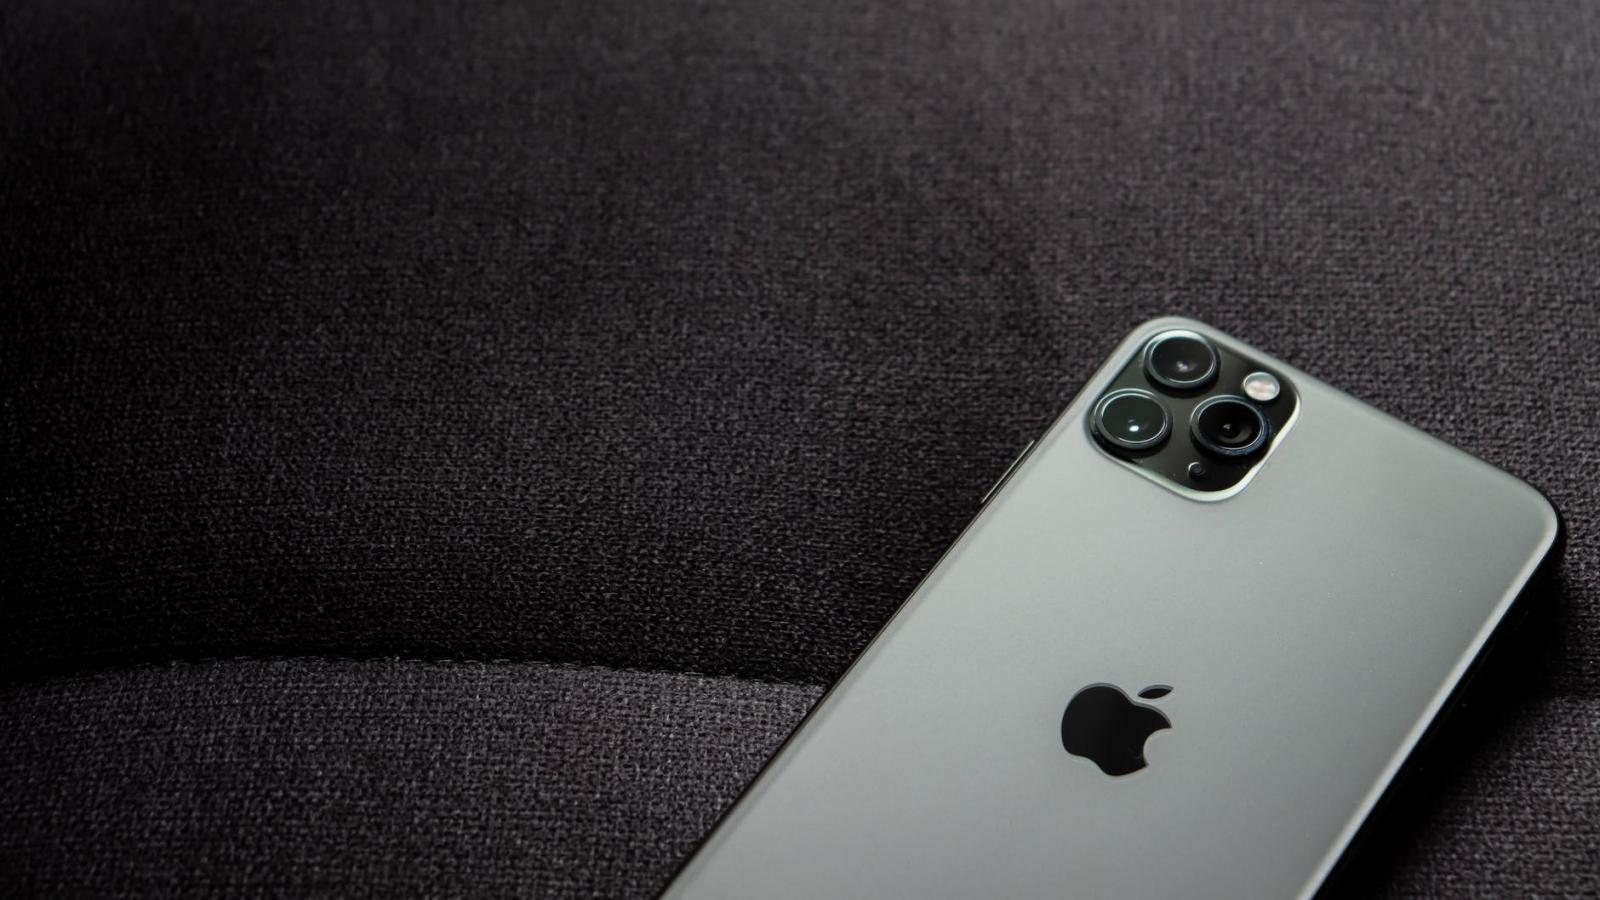 【快訊】過半果粉想升級 iPhone 13 !最期待螢幕新功能